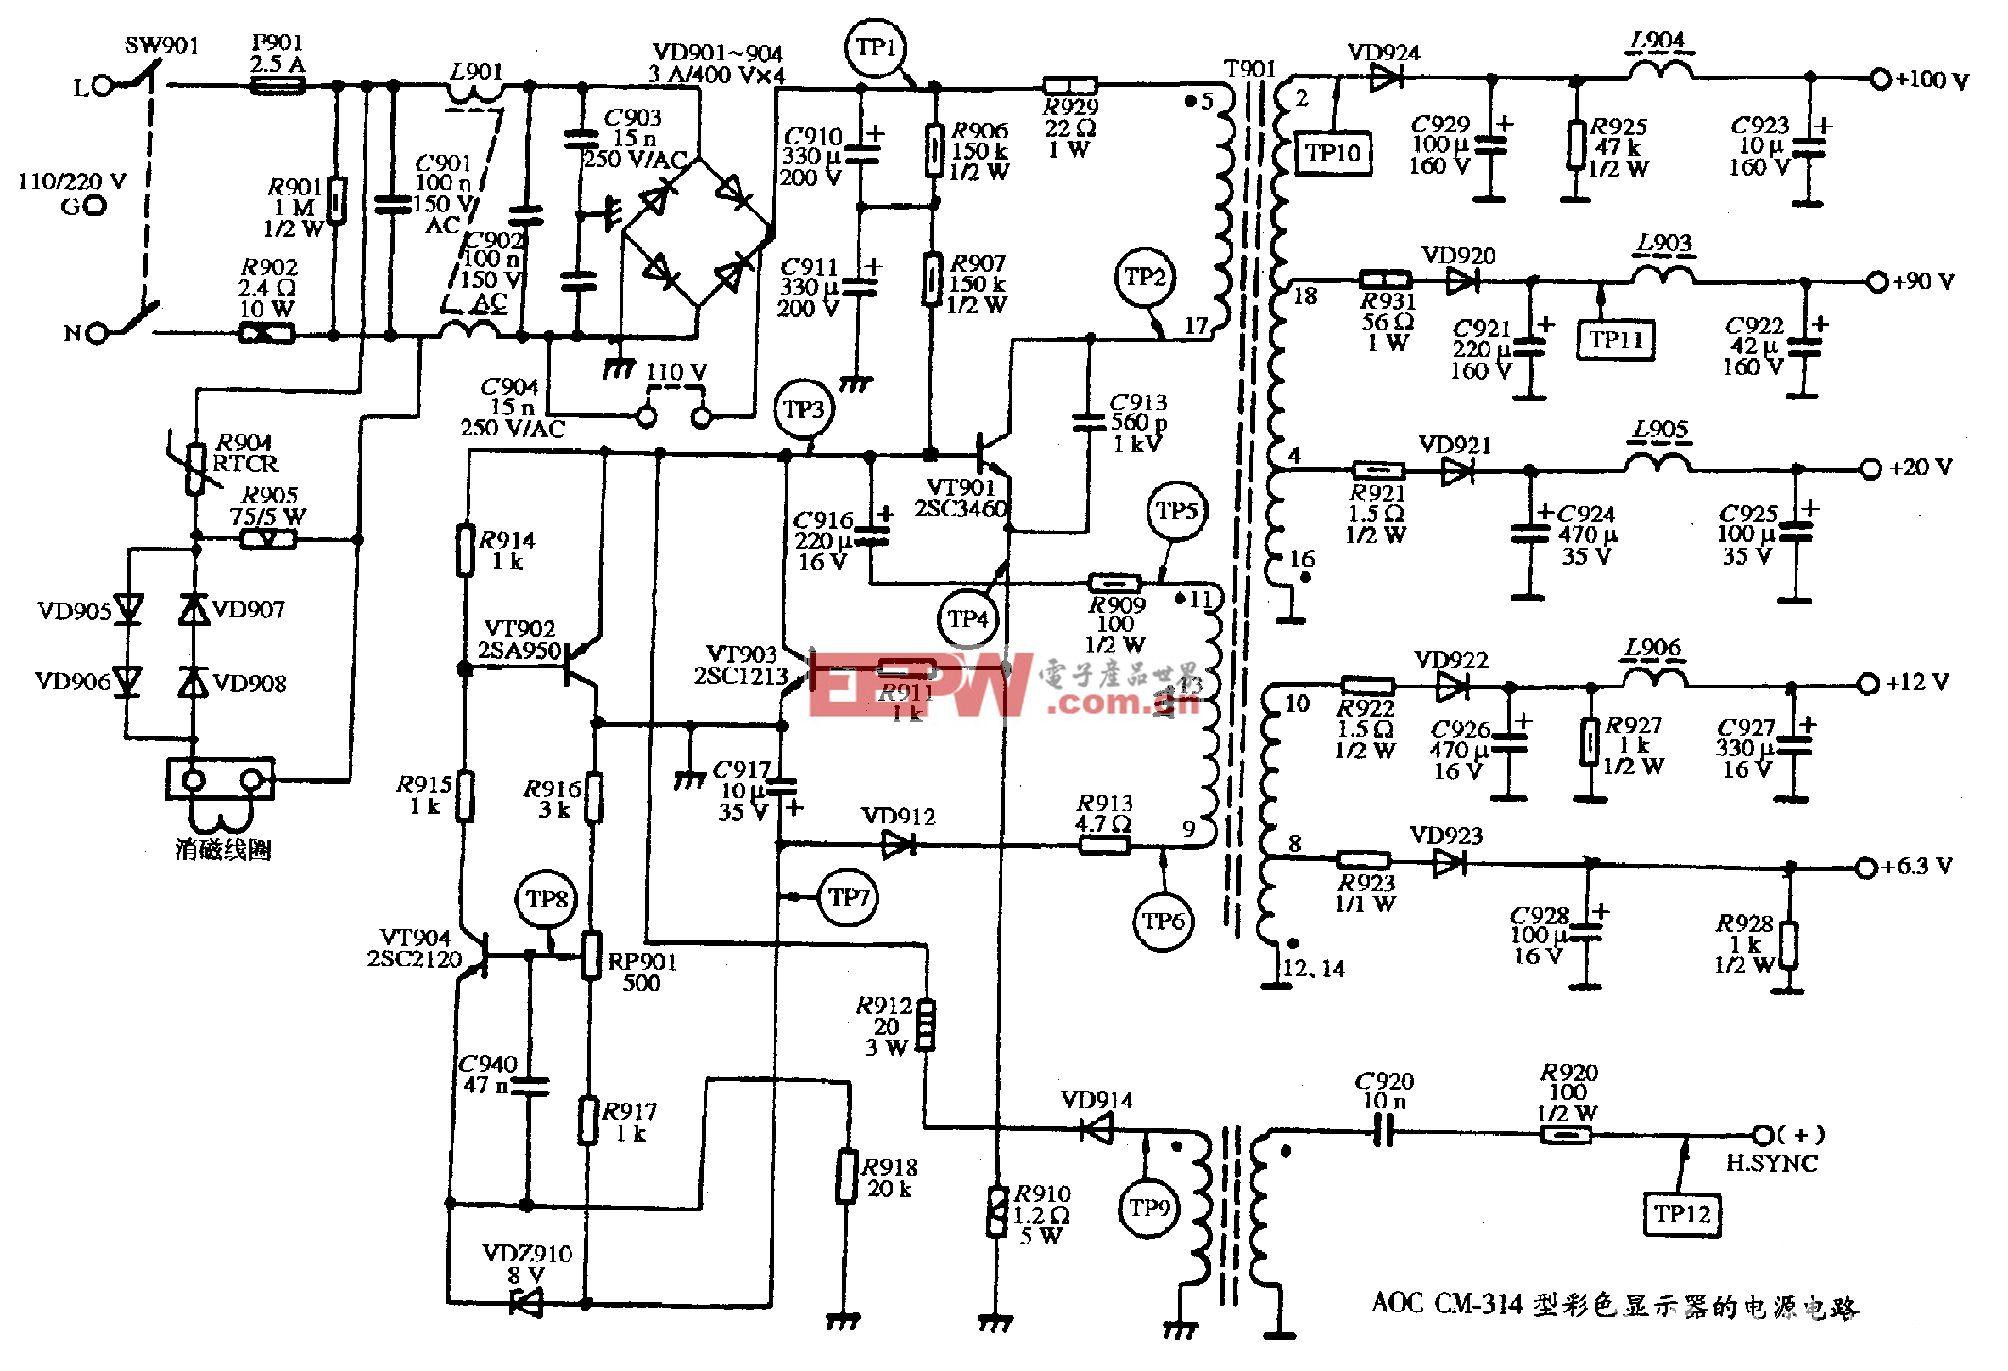 AOC CM-314型彩色显示器的电源电路图